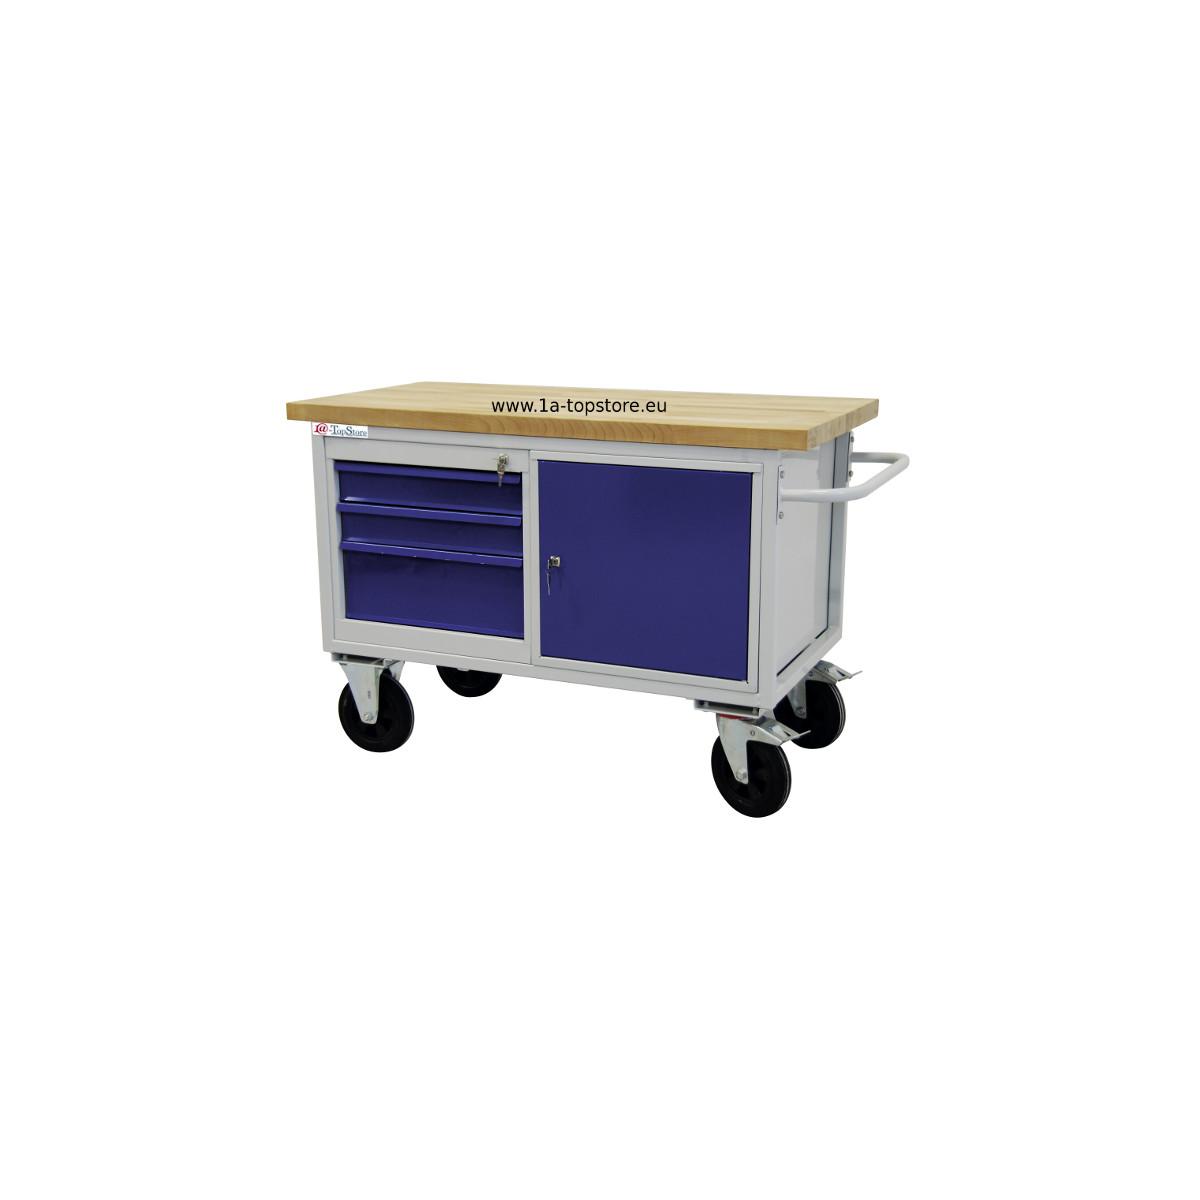 werkbank tischwagen auf rollen mit 3 schubladen schrankfach u buche 520 00. Black Bedroom Furniture Sets. Home Design Ideas